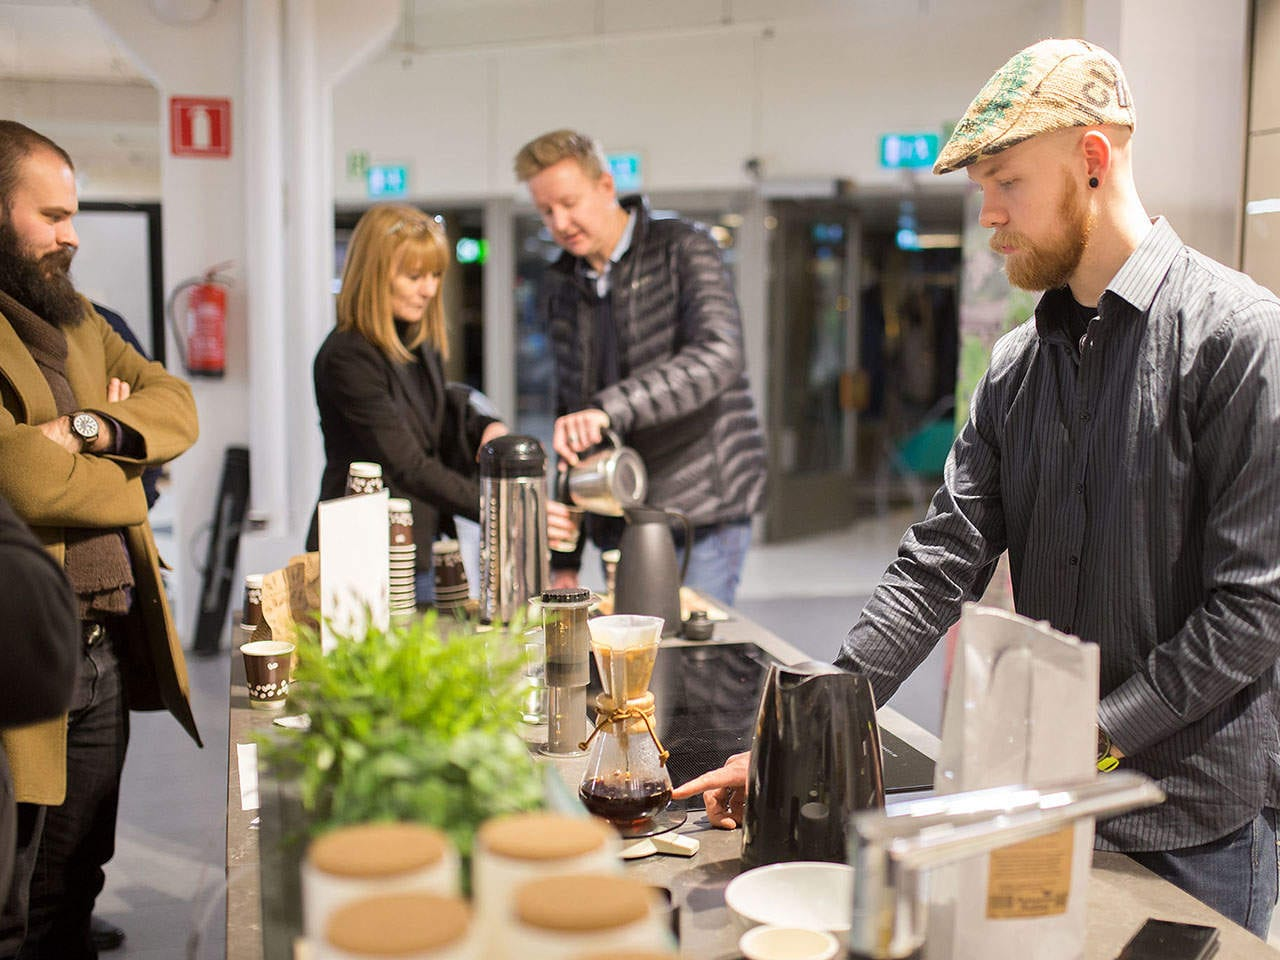 Aika tyylikäs kelloilta tarjosi myös hyvää kahvia Uuttaja-bloggari Juuson toimesta.